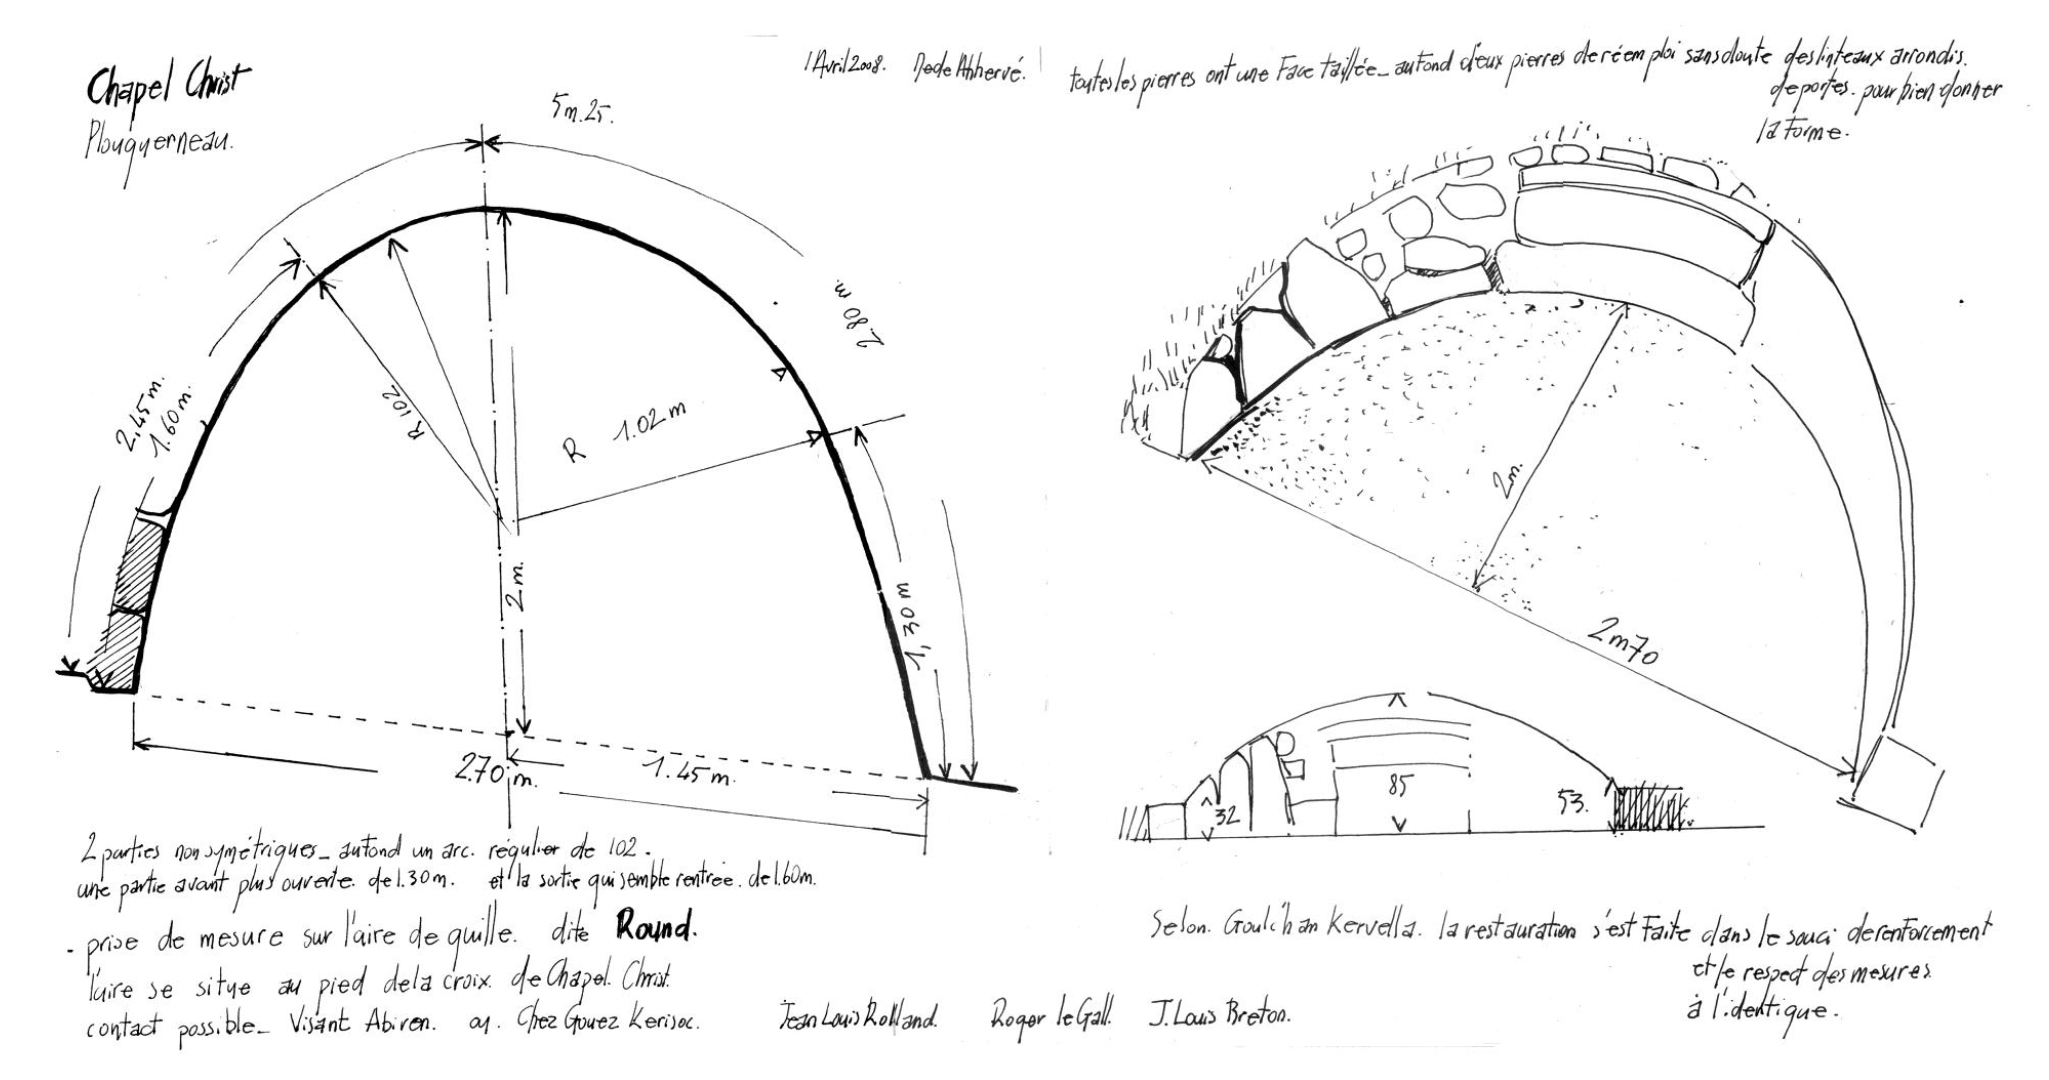 Plan de l'aire de jeu de Chapel Christ à Plouguerneau